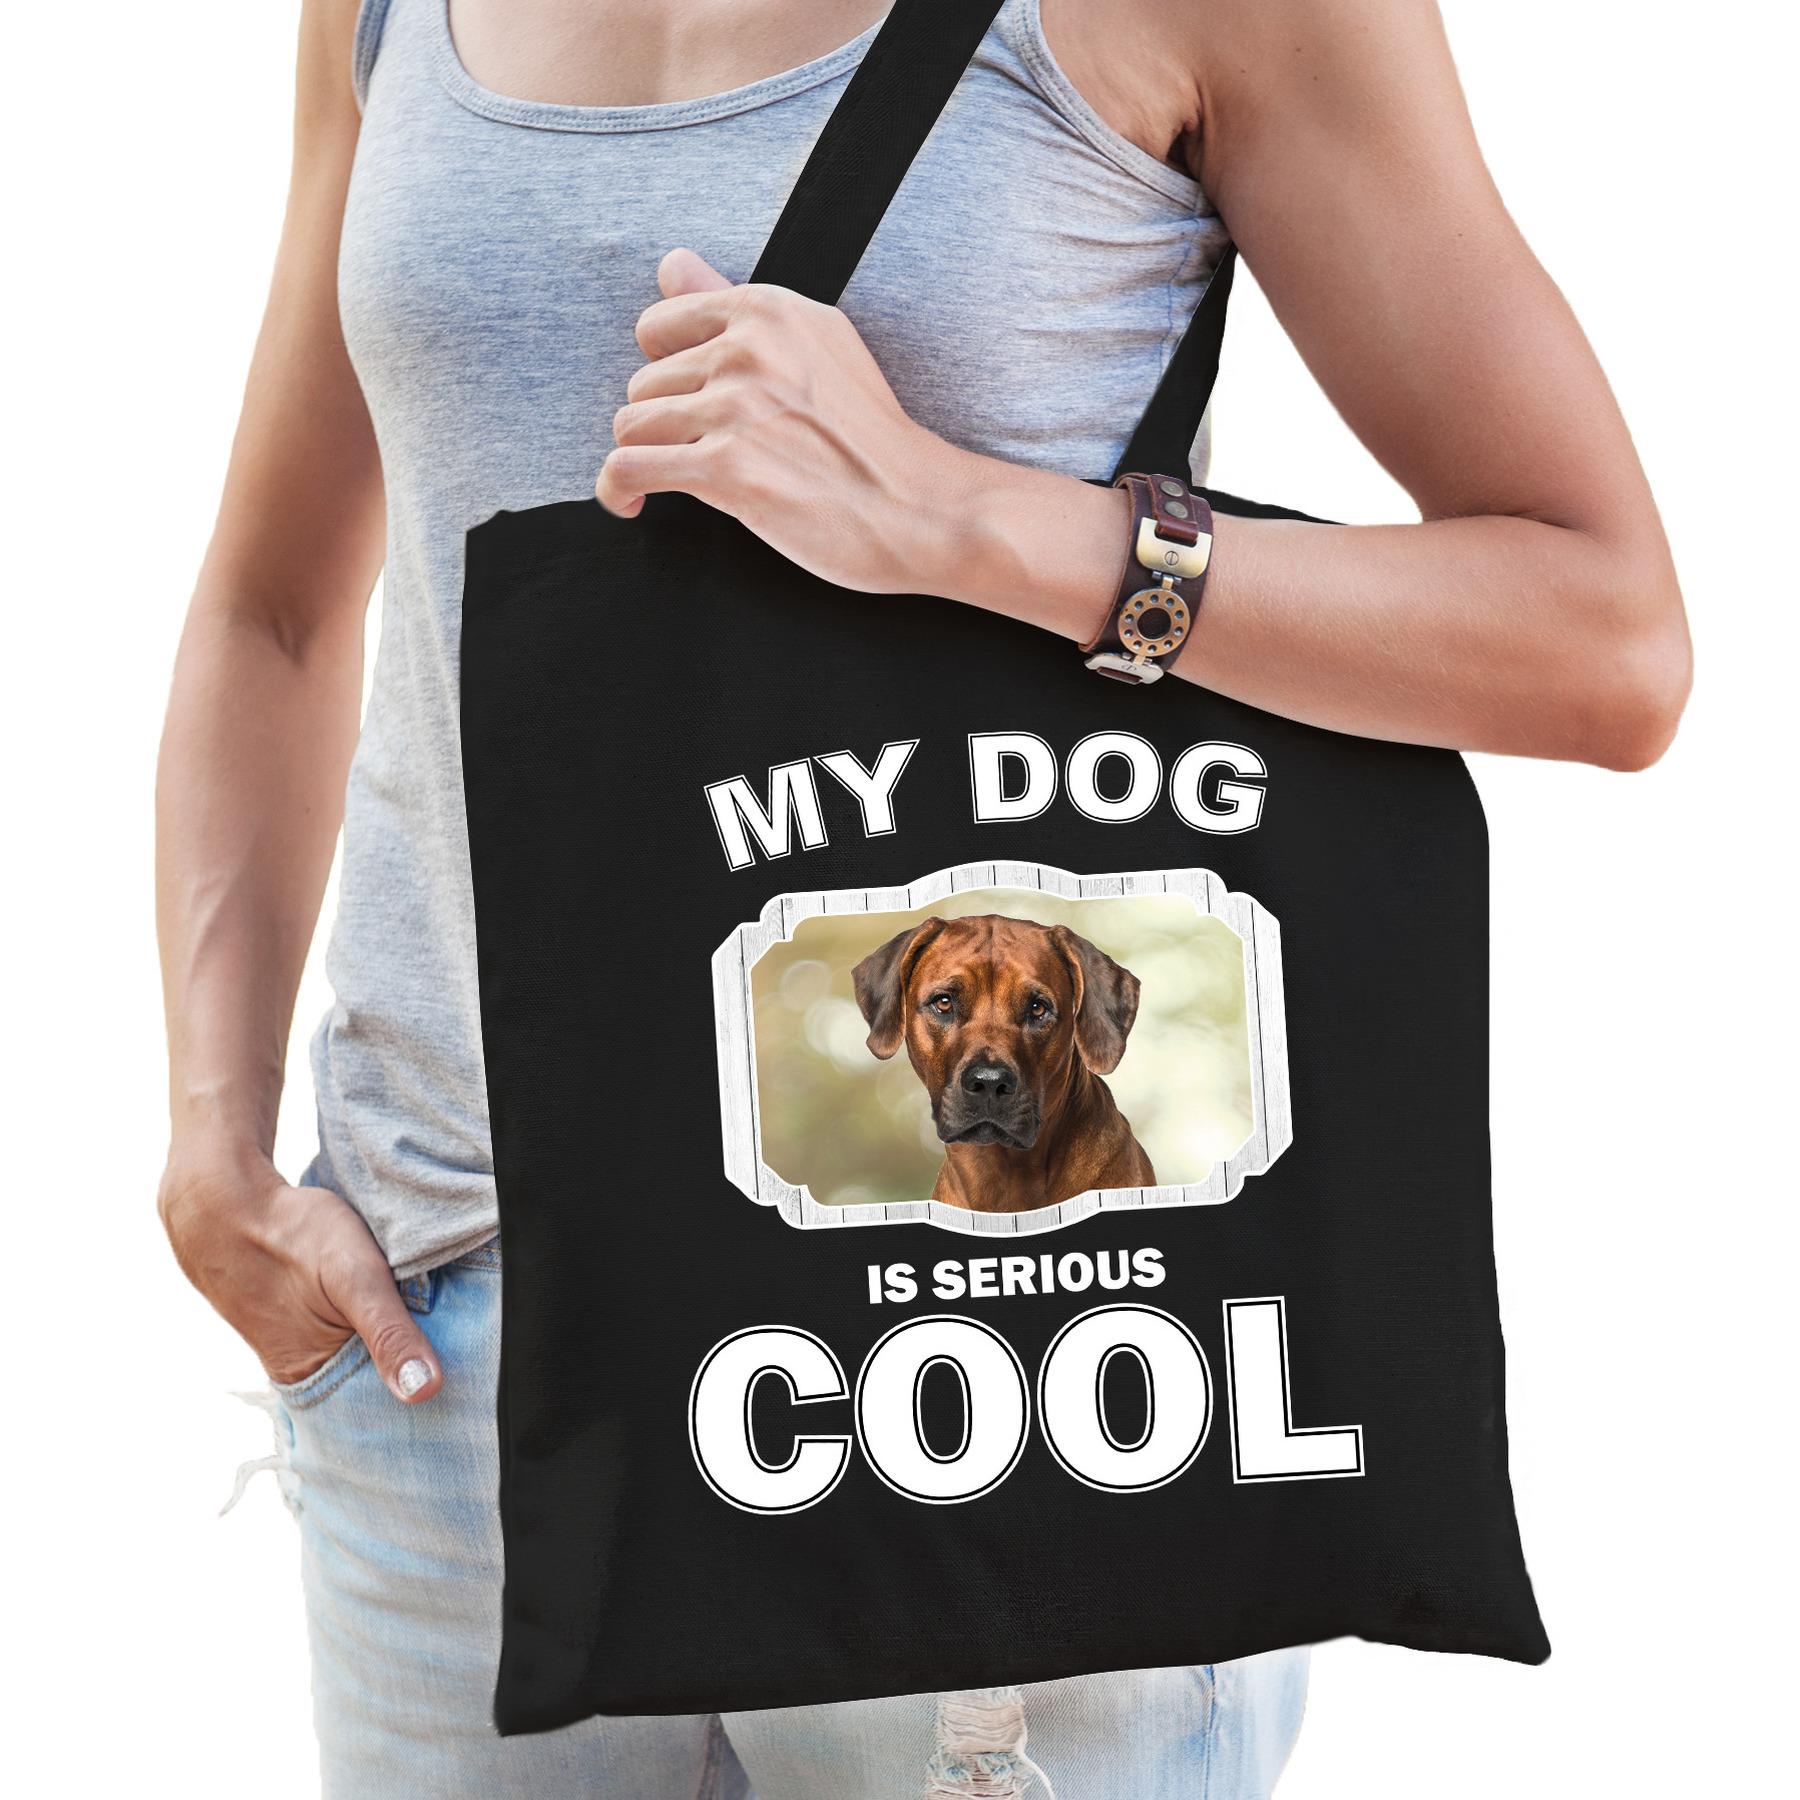 Katoenen tasje my dog is serious cool zwart - Rhodesische pronkrug honden cadeau tas